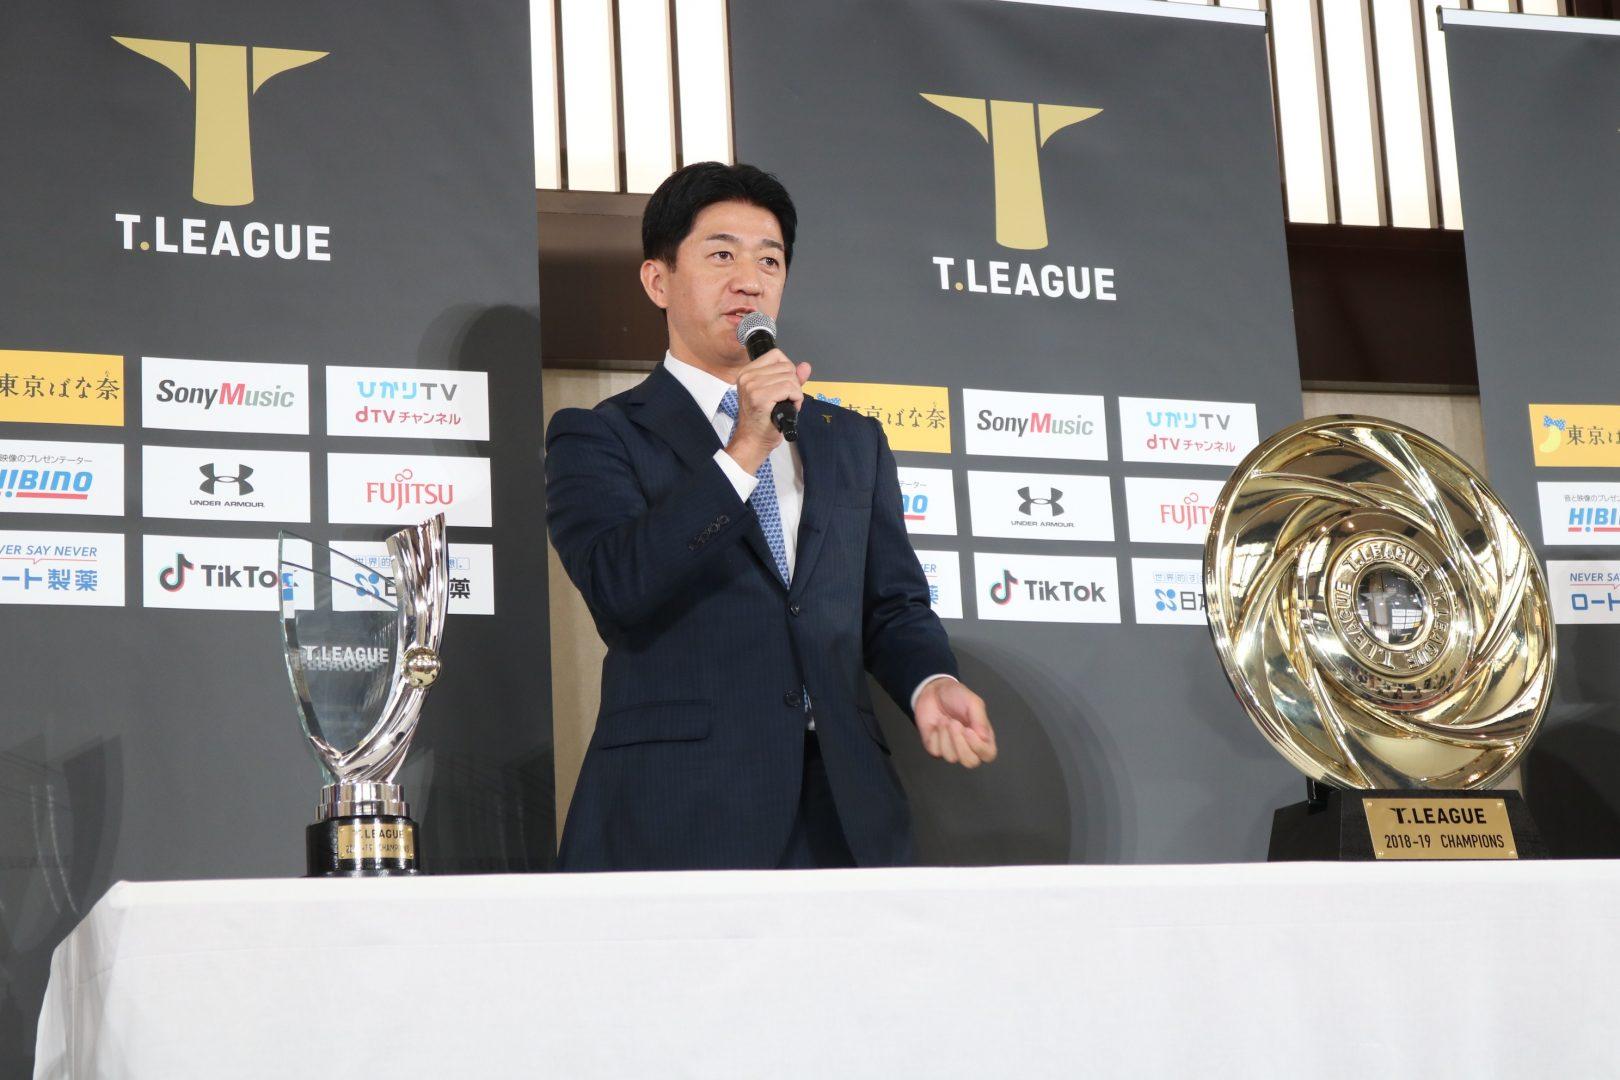 【卓球・Tリーグ】スポーツフェスティバルin東京スカイツリータウンに松下浩二氏・前田美優が出演